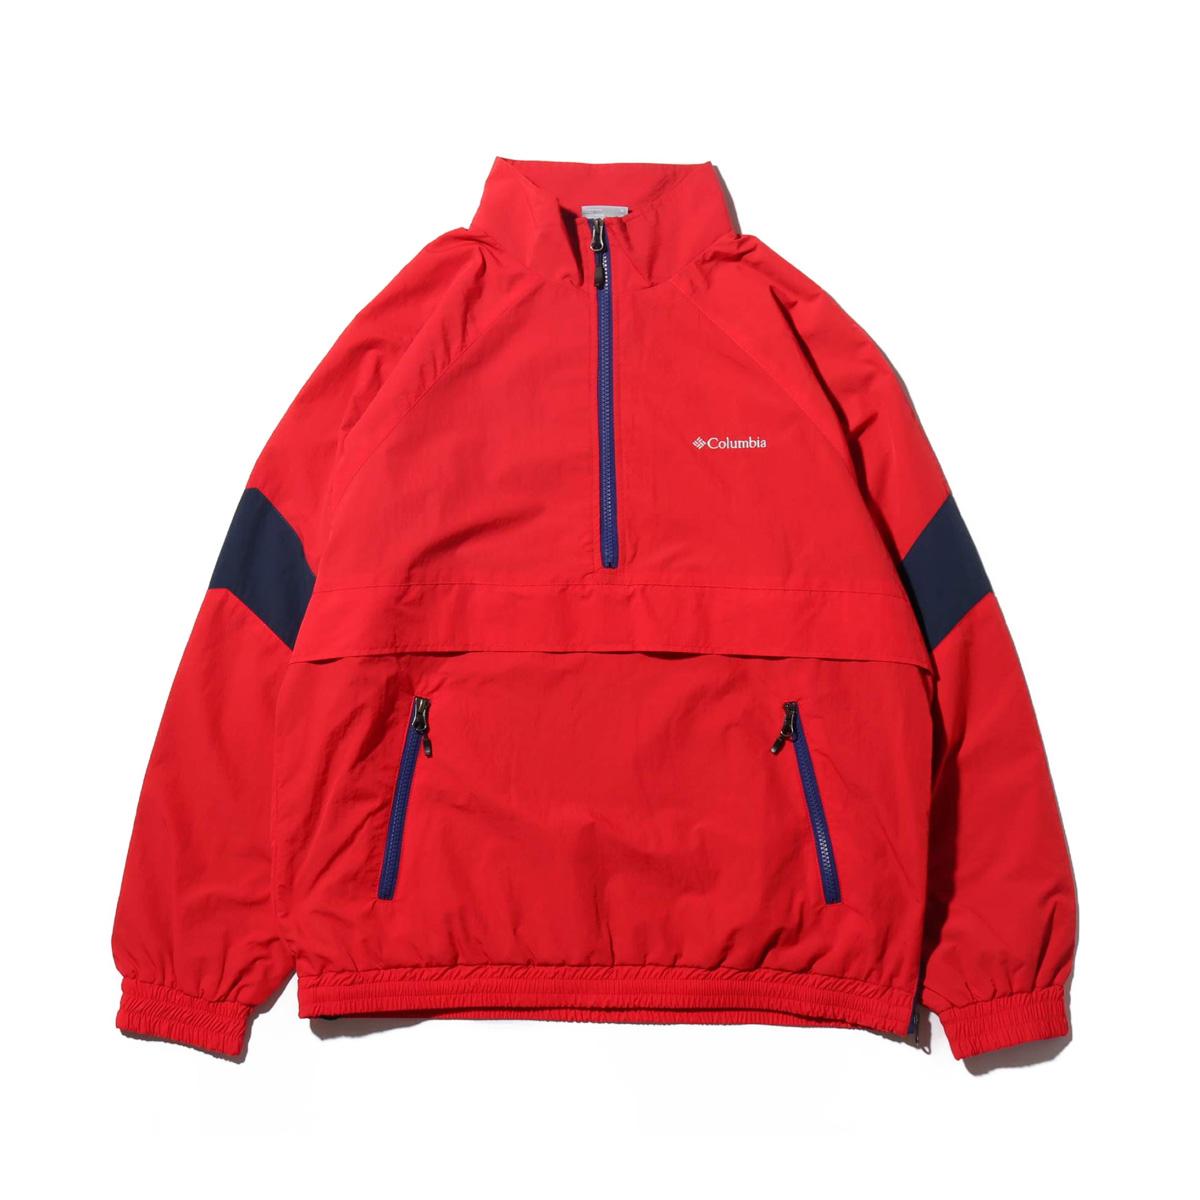 Columbia DOUBLE BROOK AN (コロンビア ダブルブルック アノラック)INTENSE RED【メンズ ジャケット】18FW-I